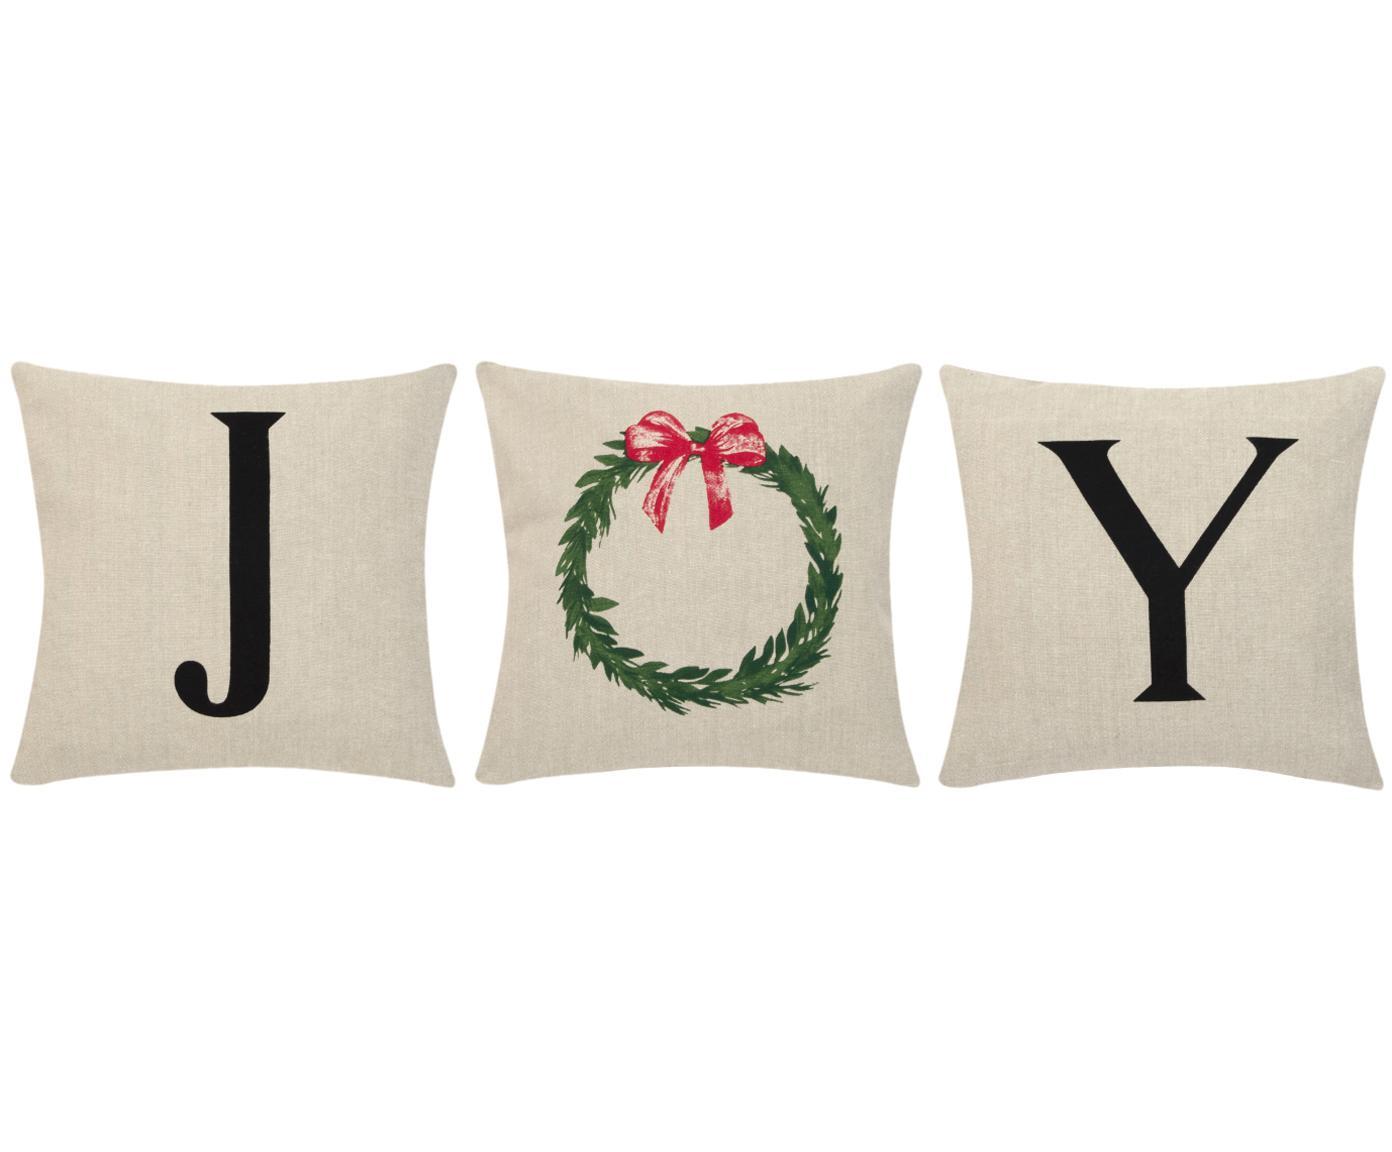 Kussenhoezenset Joy, 3-delig, 100% katoen, Beige, zwart, 40 x 40 cm